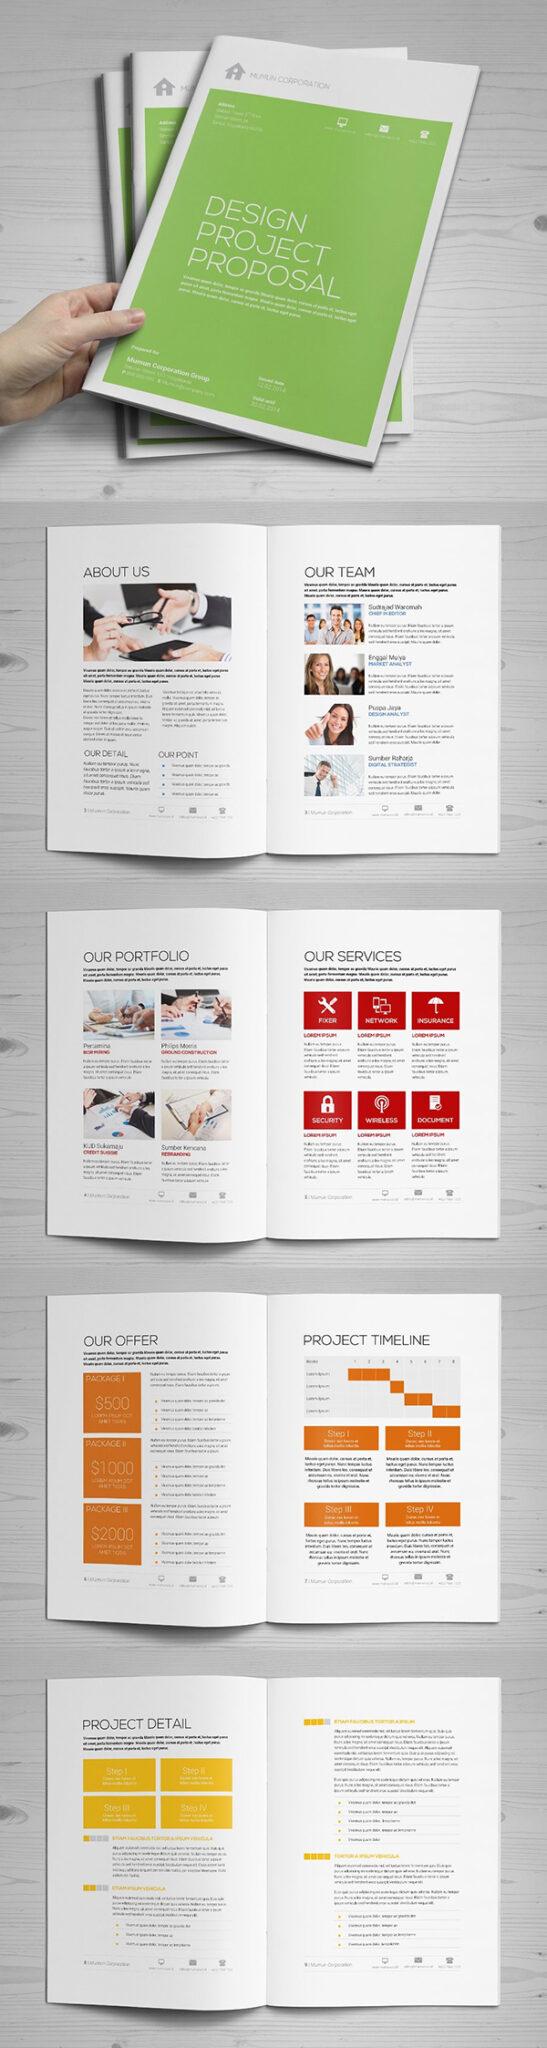 Diseño de mockups de propuesta de negocio profesional - 16